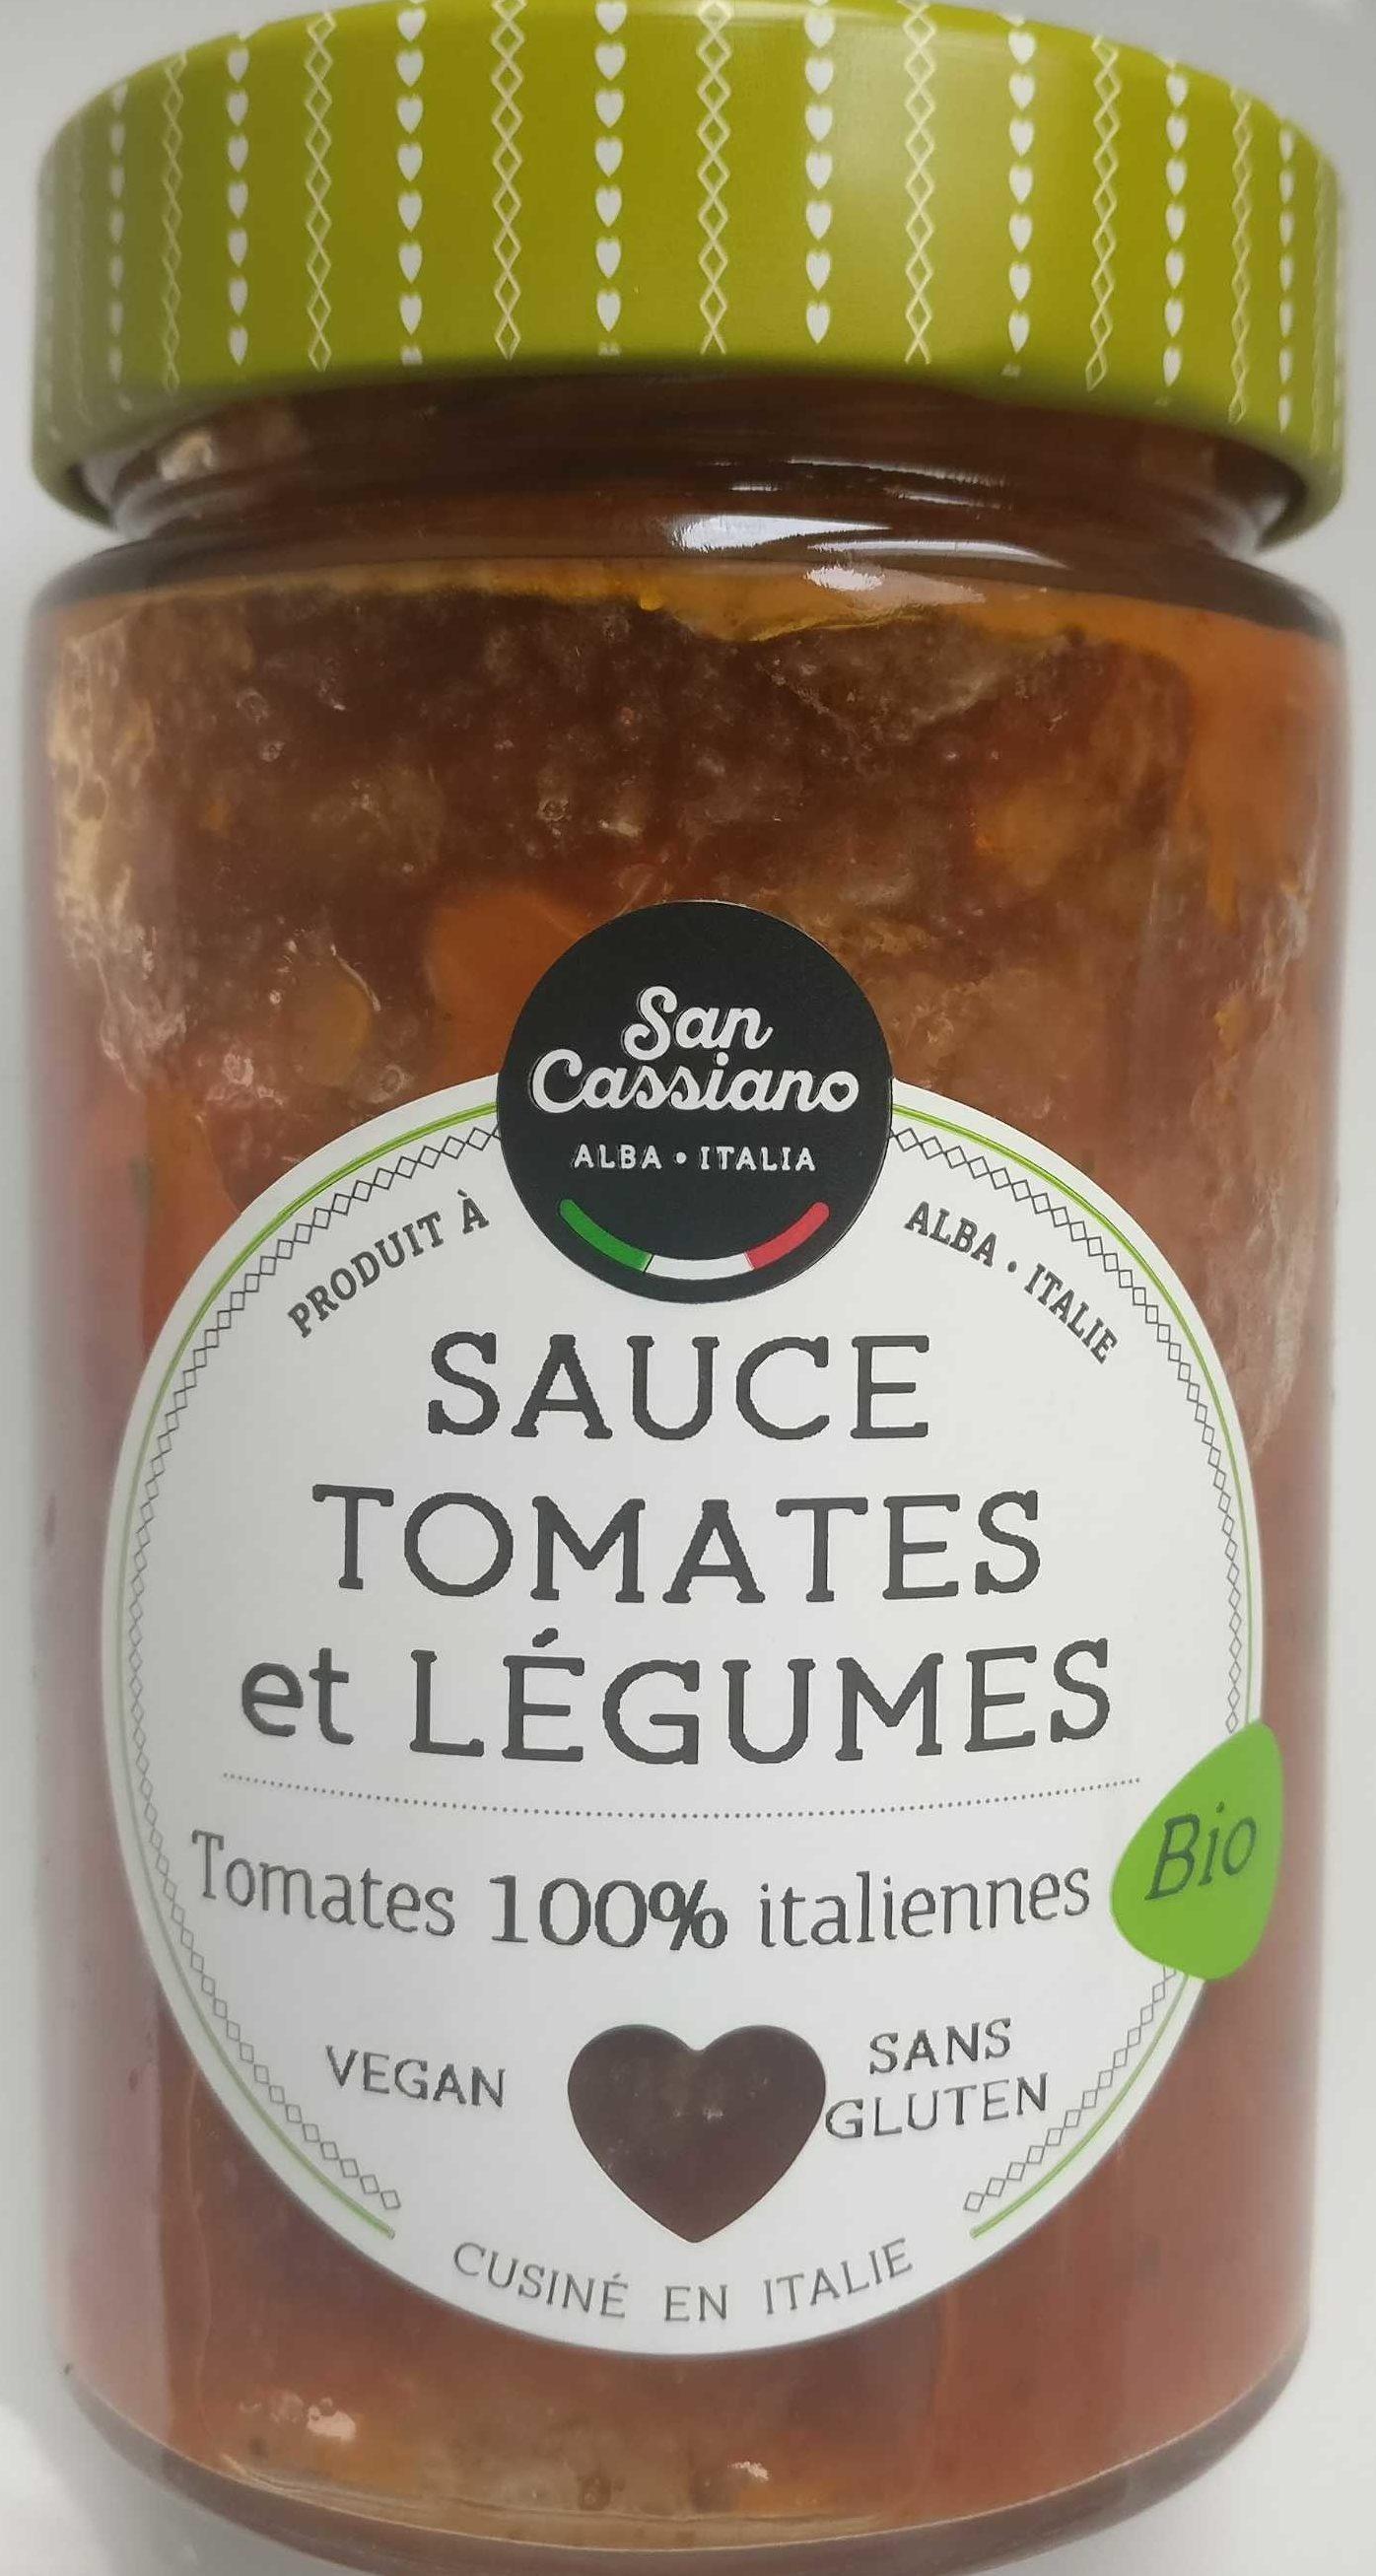 Sauce tomates et légumes - Produit